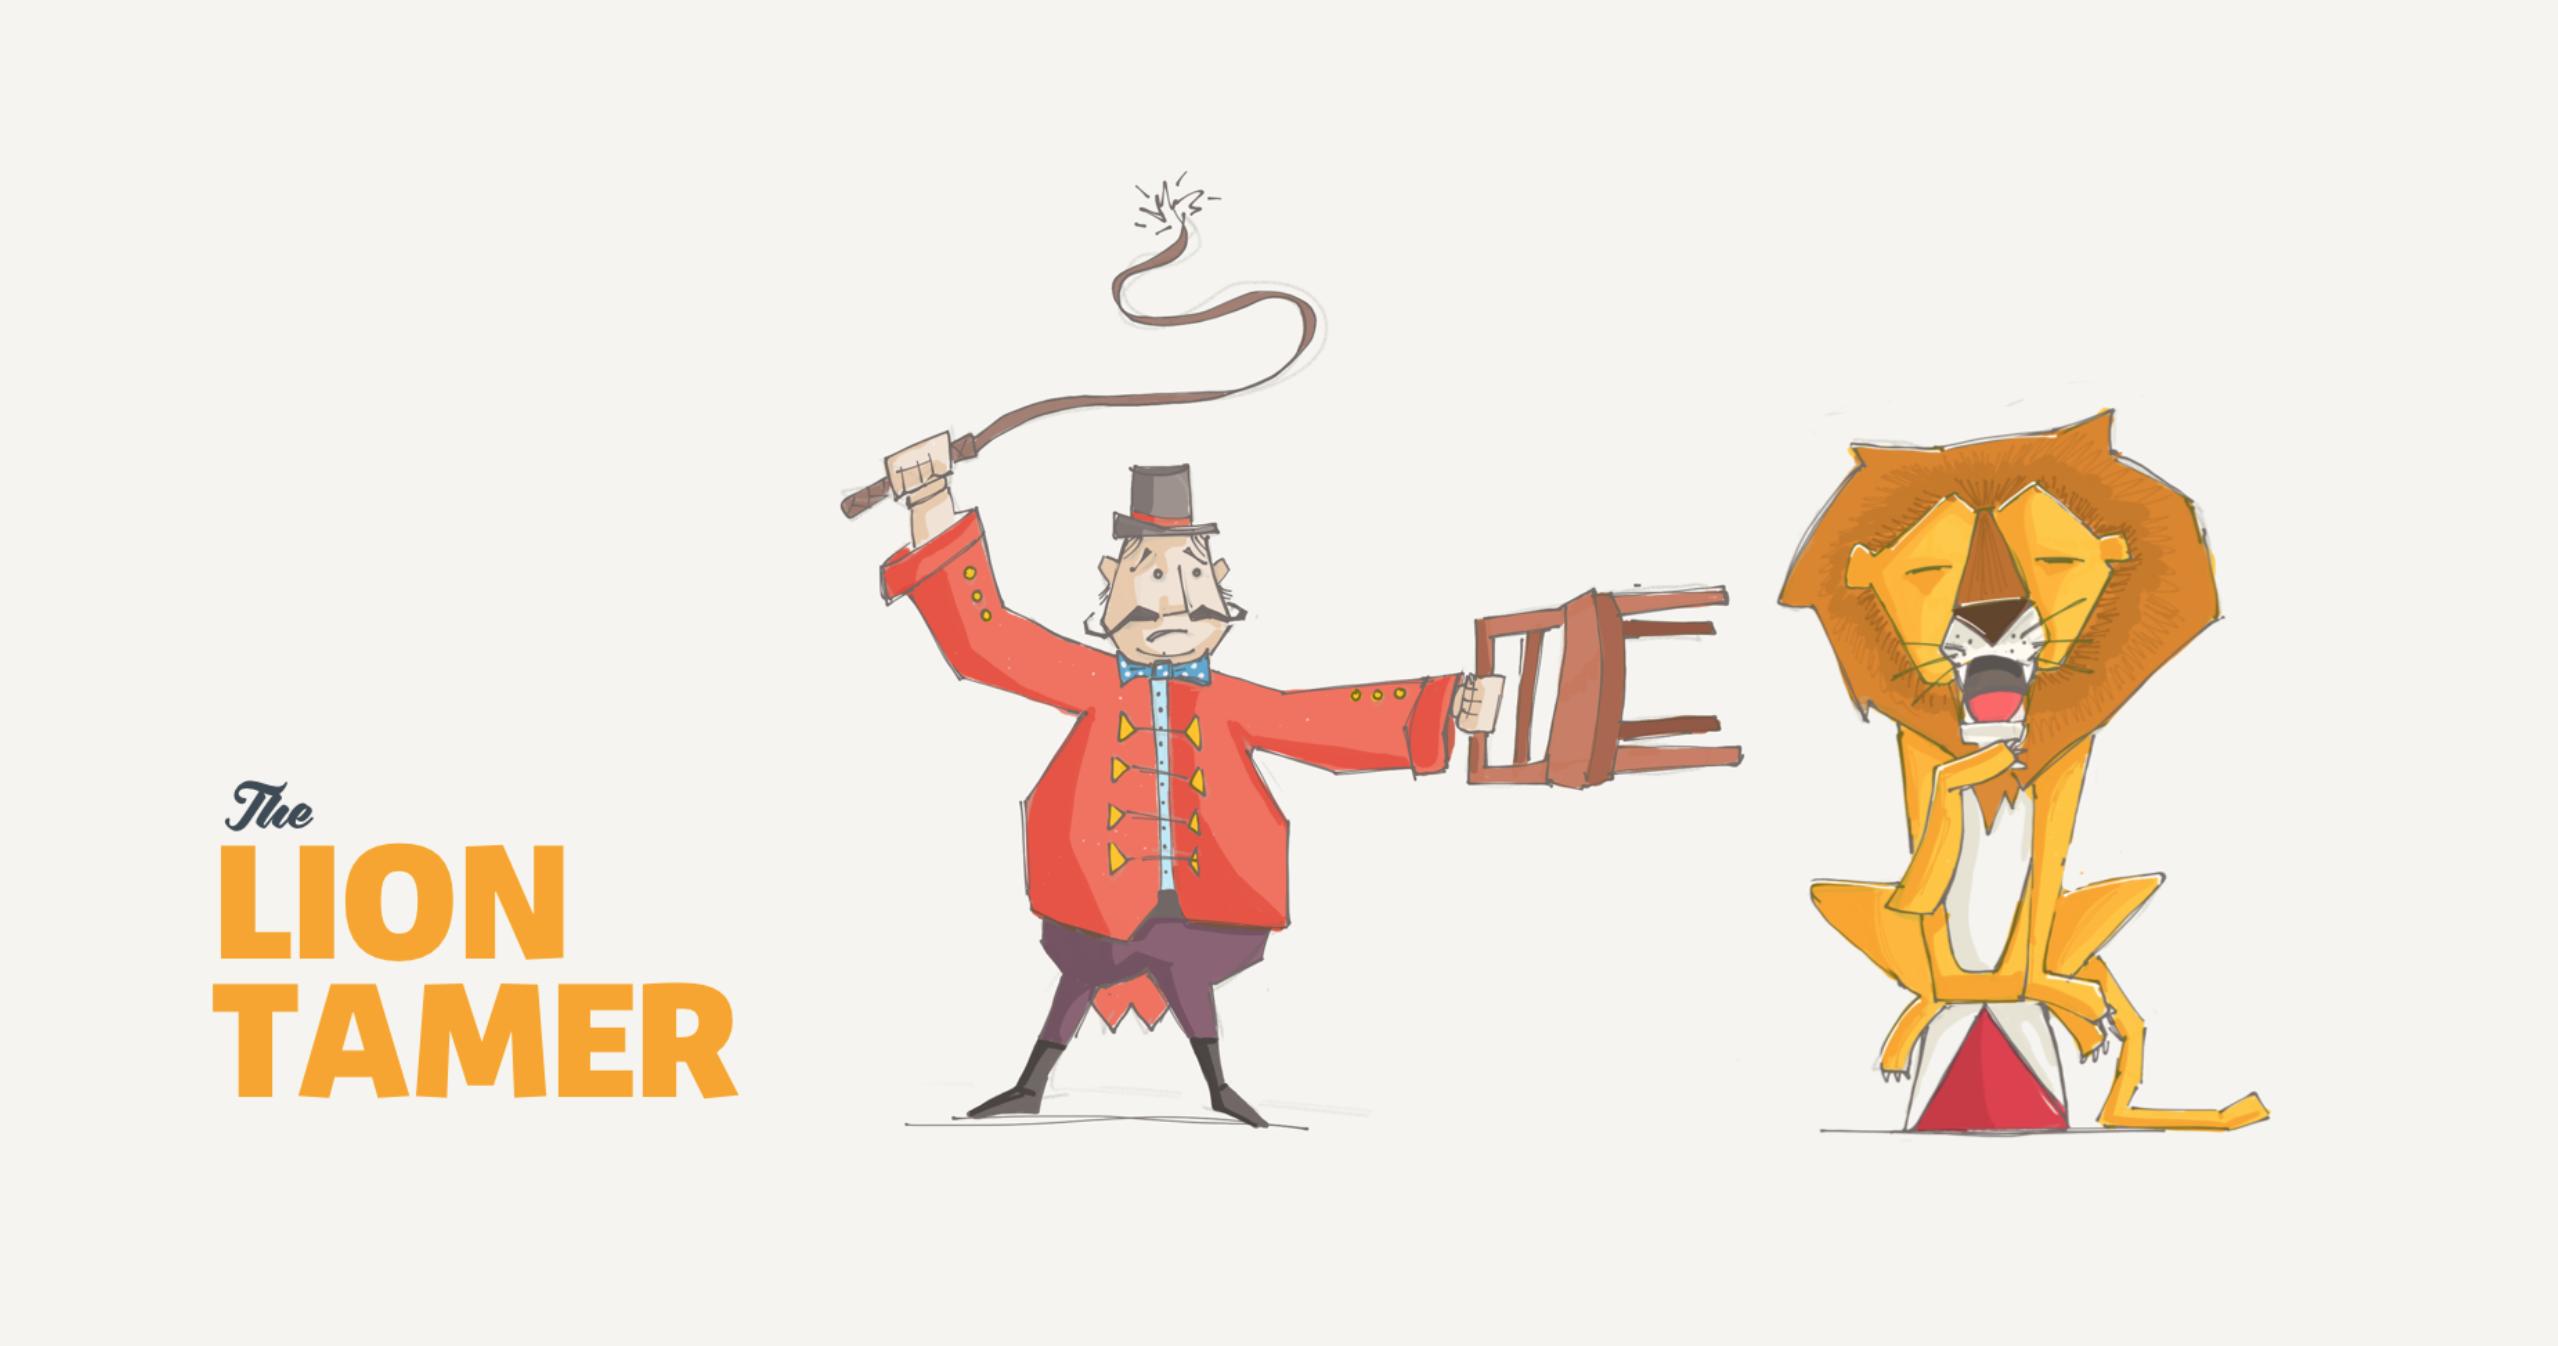 Liontamer sketch - Lion Tamer PNG